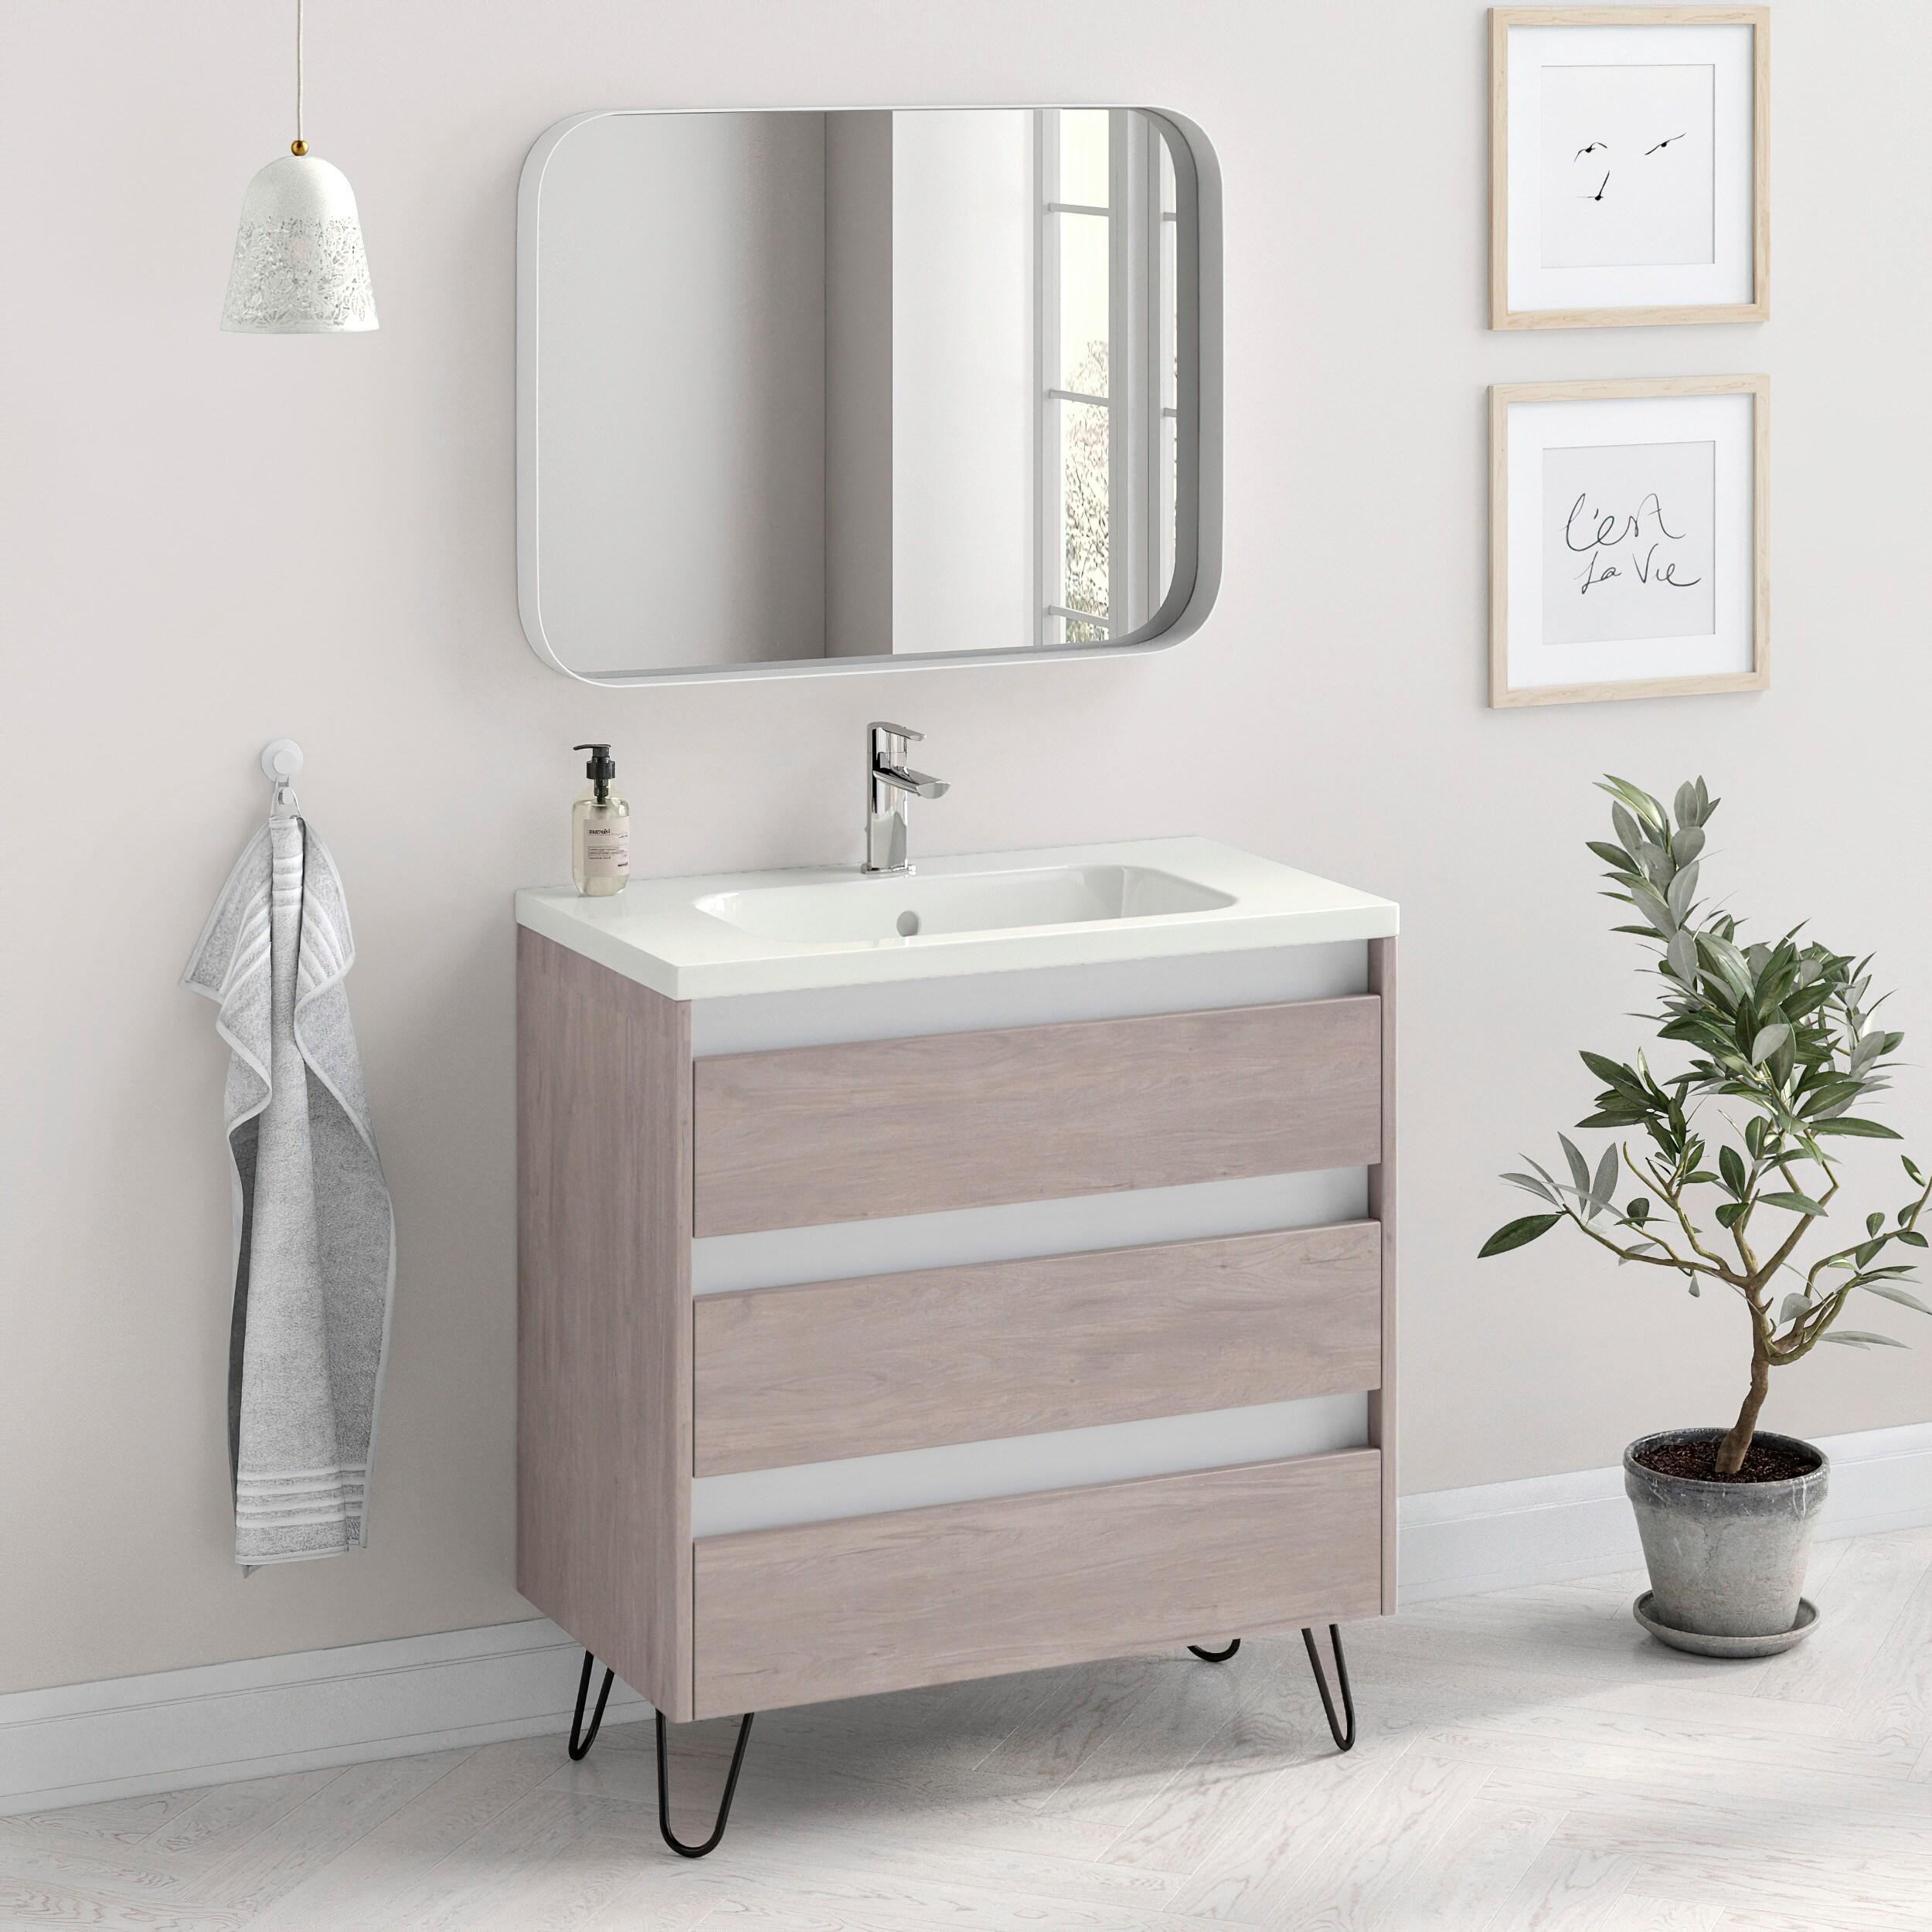 32 Bathroom Vanity Freestanding Cabinet Sink Legs Docce Fs W32 X H35 X D18 In Rhd Weathered Oak Overstock 32167313